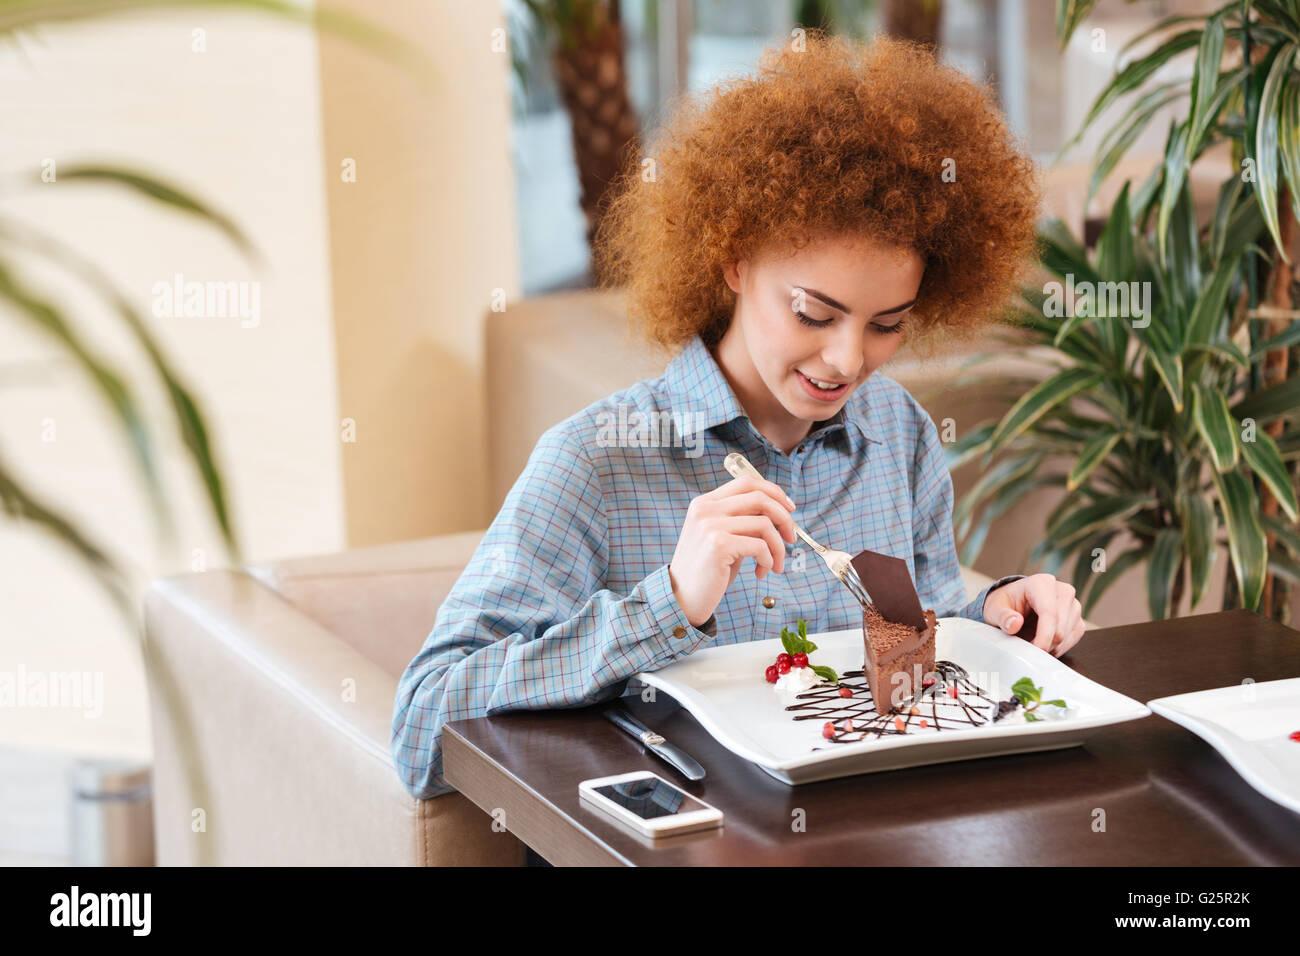 Carino curly giovane donna con i capelli rossi di mangiare il dessert in cafe Immagini Stock